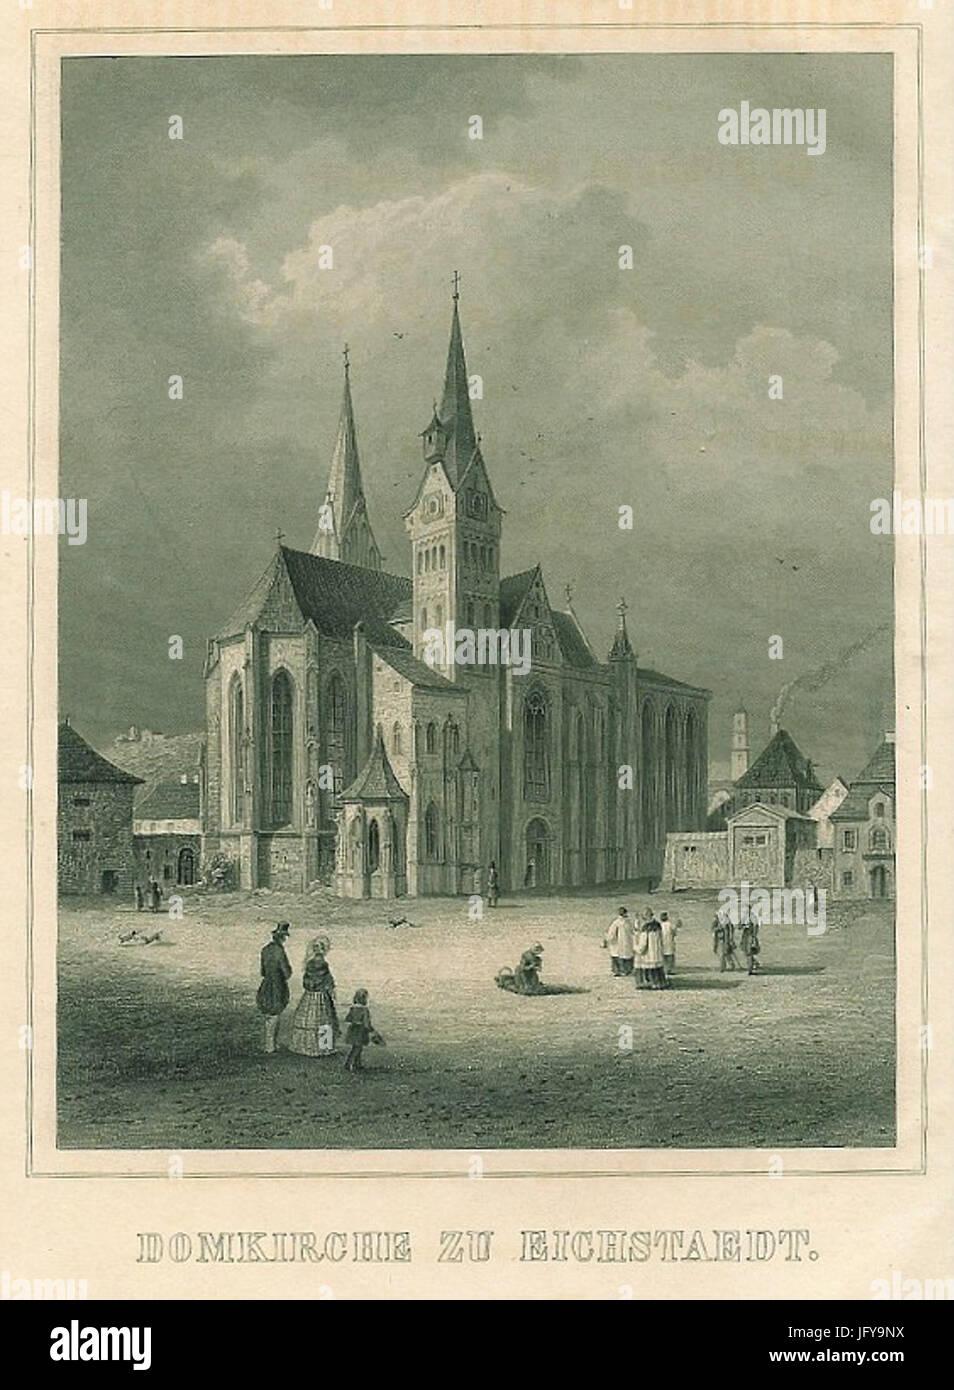 Eichstätt Dom Stahlstich - Stock Image